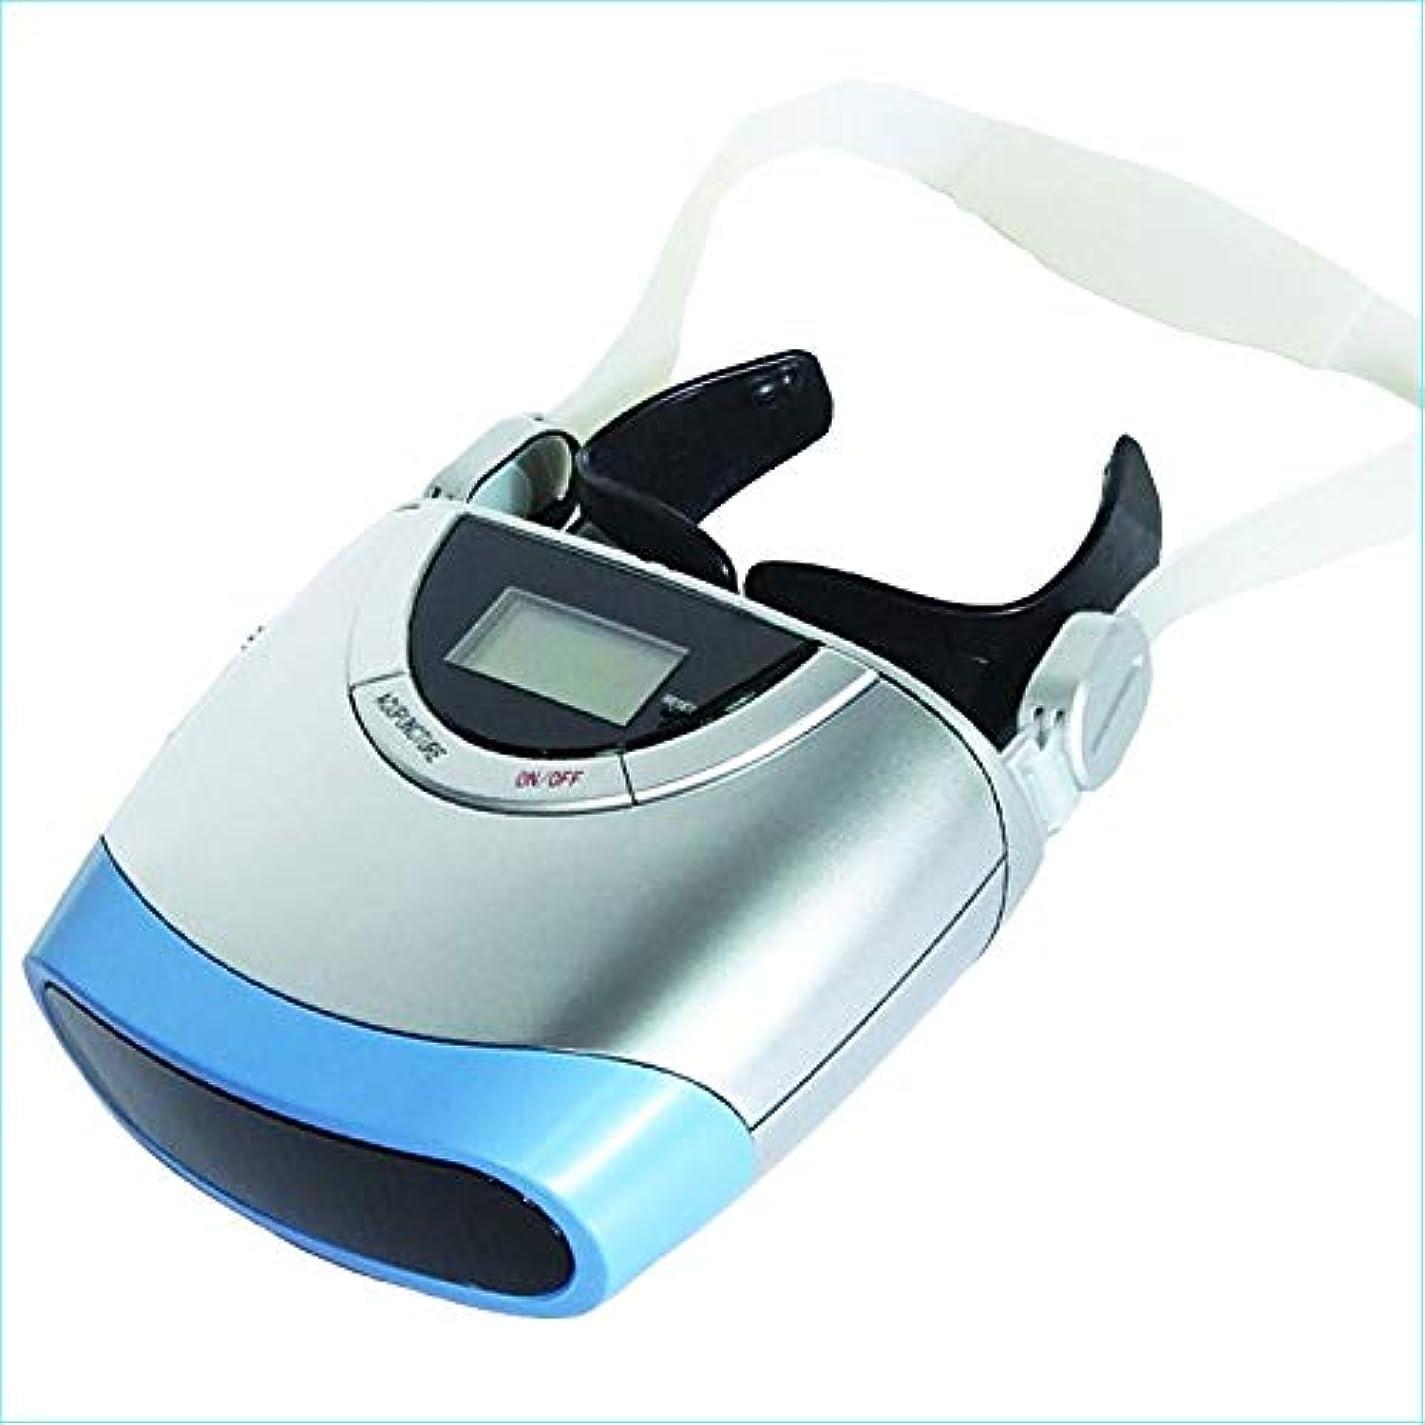 ペフ見る消化器Meet now 近視用器具治療用3D視力回復装置、鍼レーザーアイマッサージャーII 品質保証